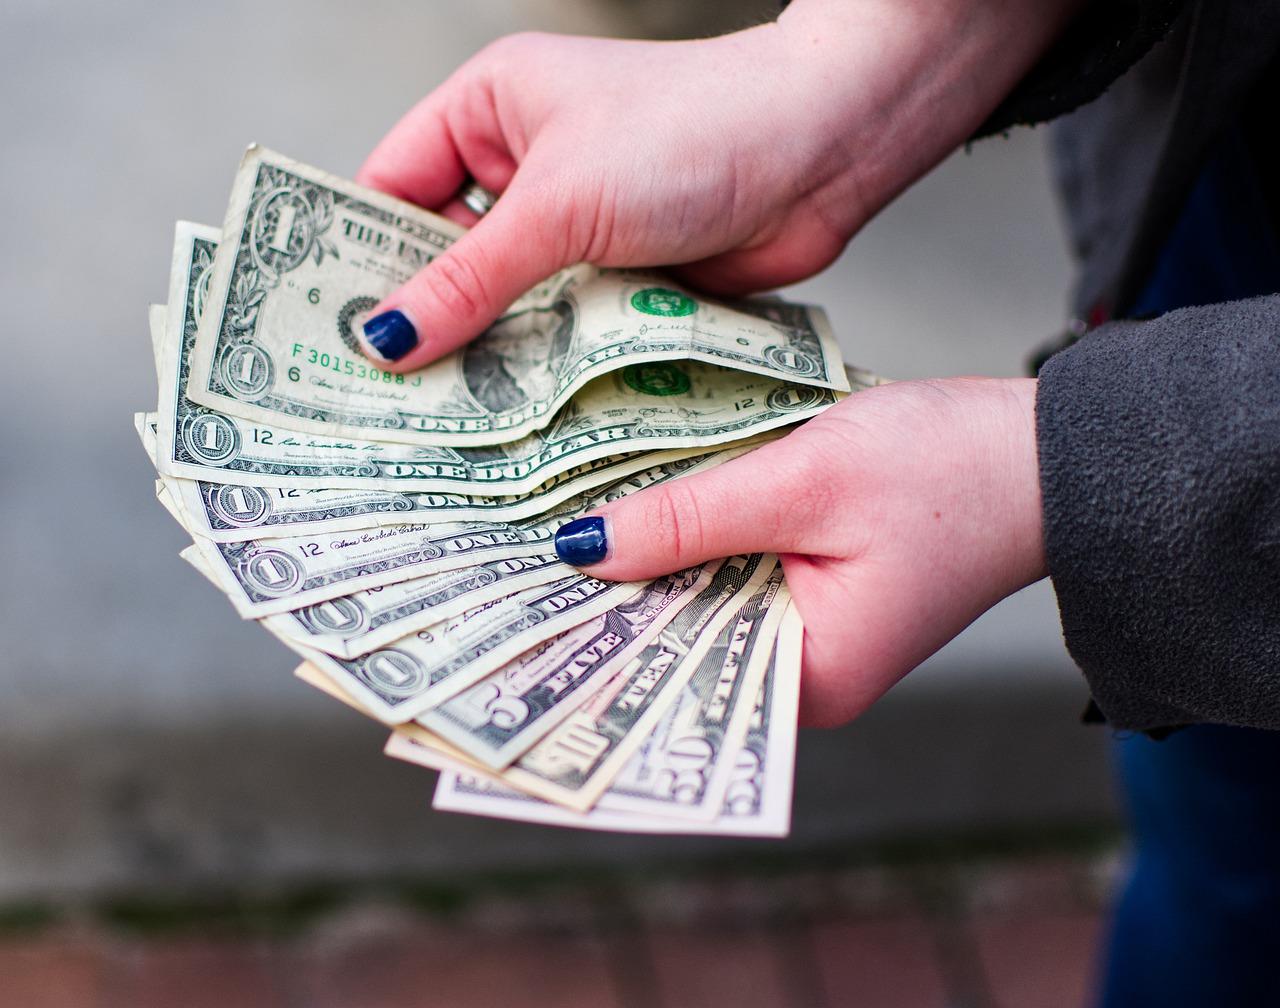 Зниження облікової ставки, напевно, дозволить кредитам стати більш доступними для бізнесу